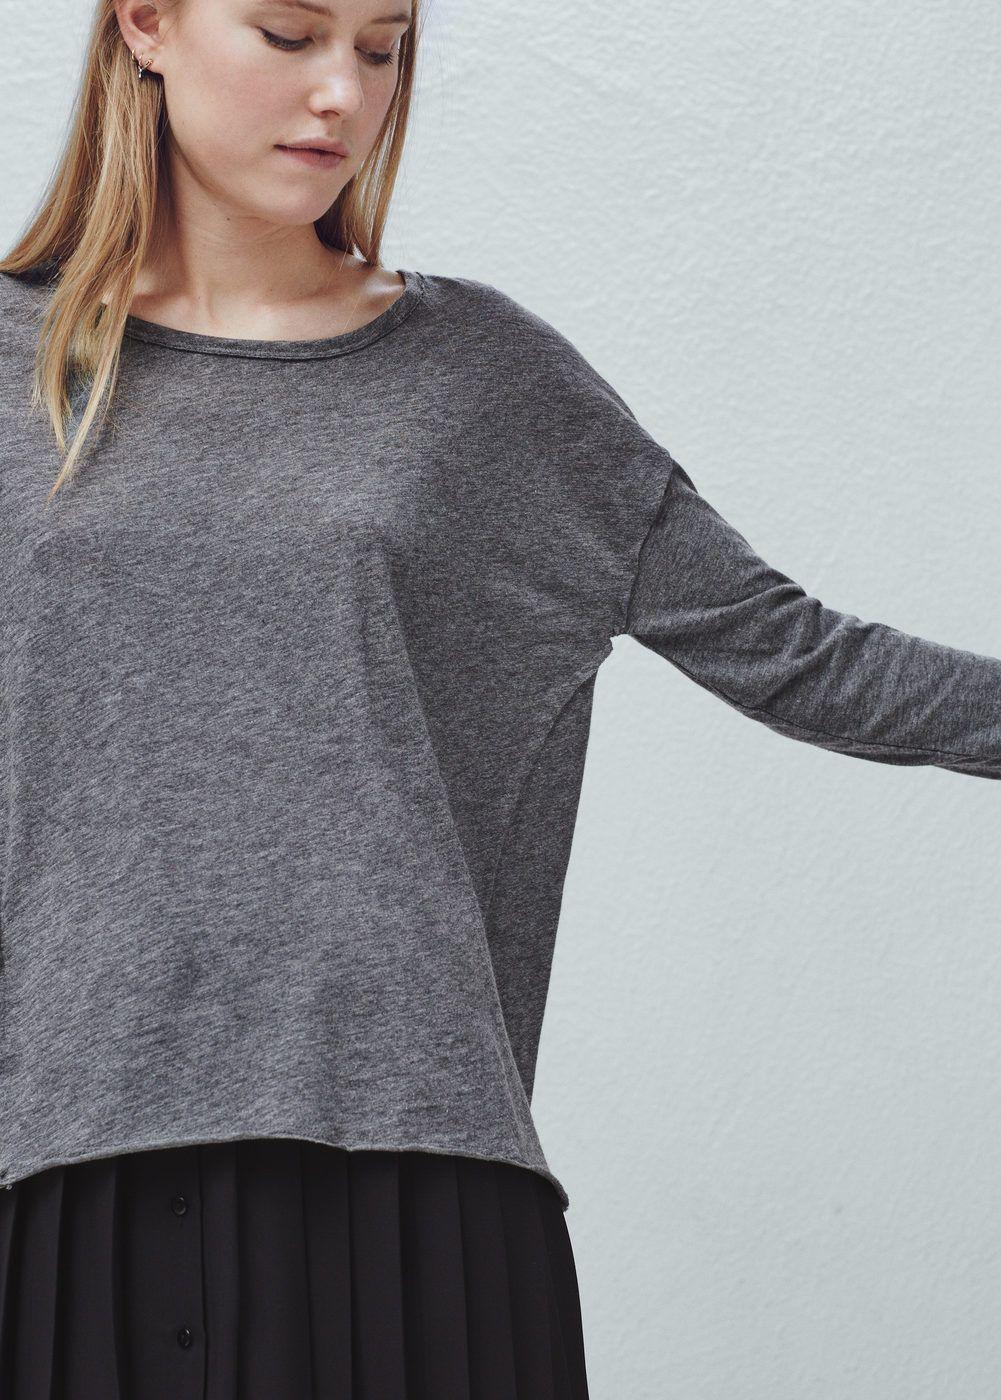 T-shirt met omgeslagen mouwen | MANGO